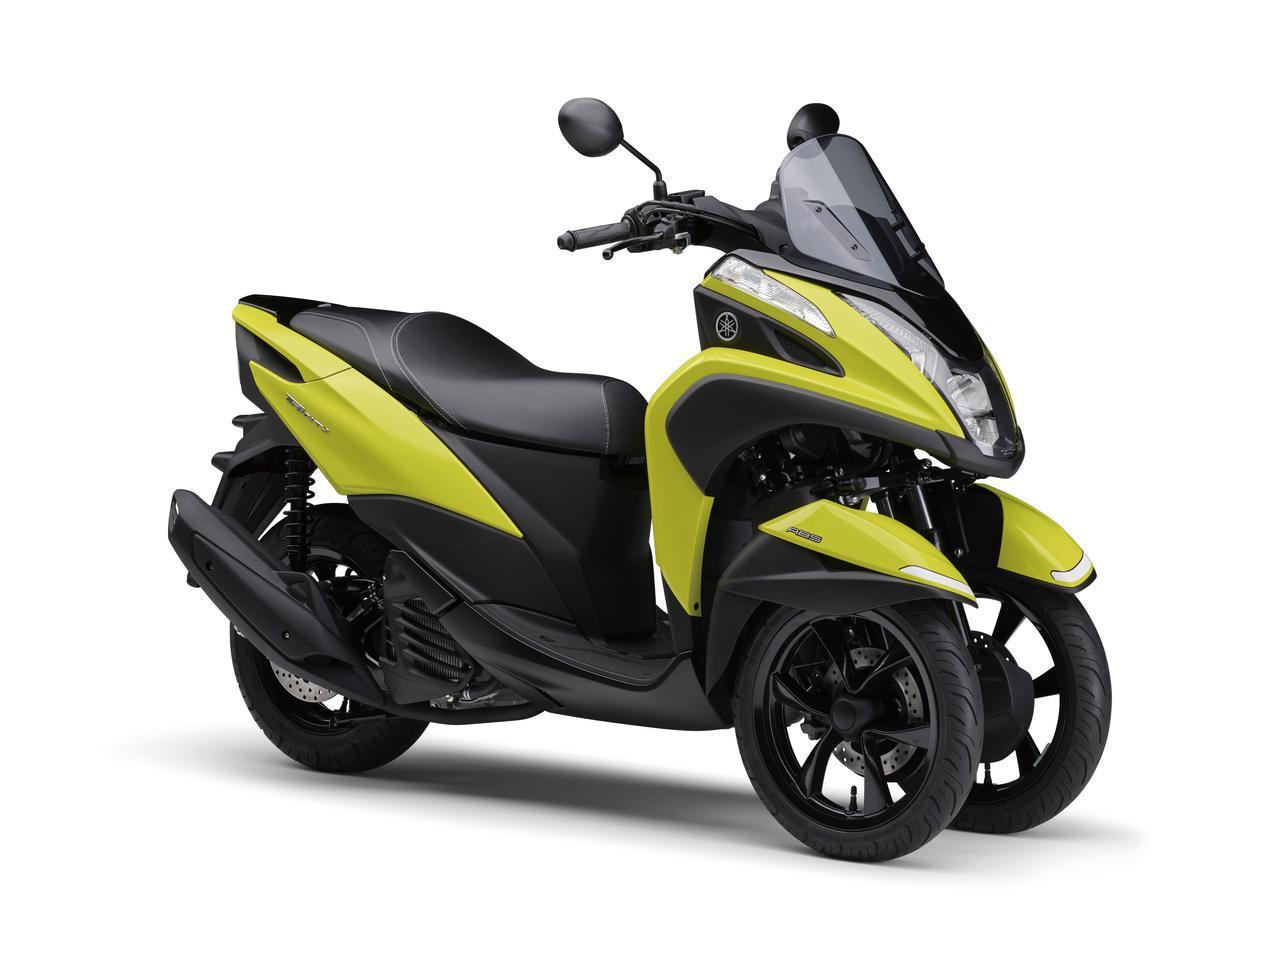 画像: YAMAHA TRICITY 125 / ABS 総排気量:124cc エンジン形式:水冷4ストSOHC4バルブ単気筒 シート高:765mm 車両重量:159kg / 164kg(ABS) 税込価格:42万3500円 / 46万2000円(ABS)